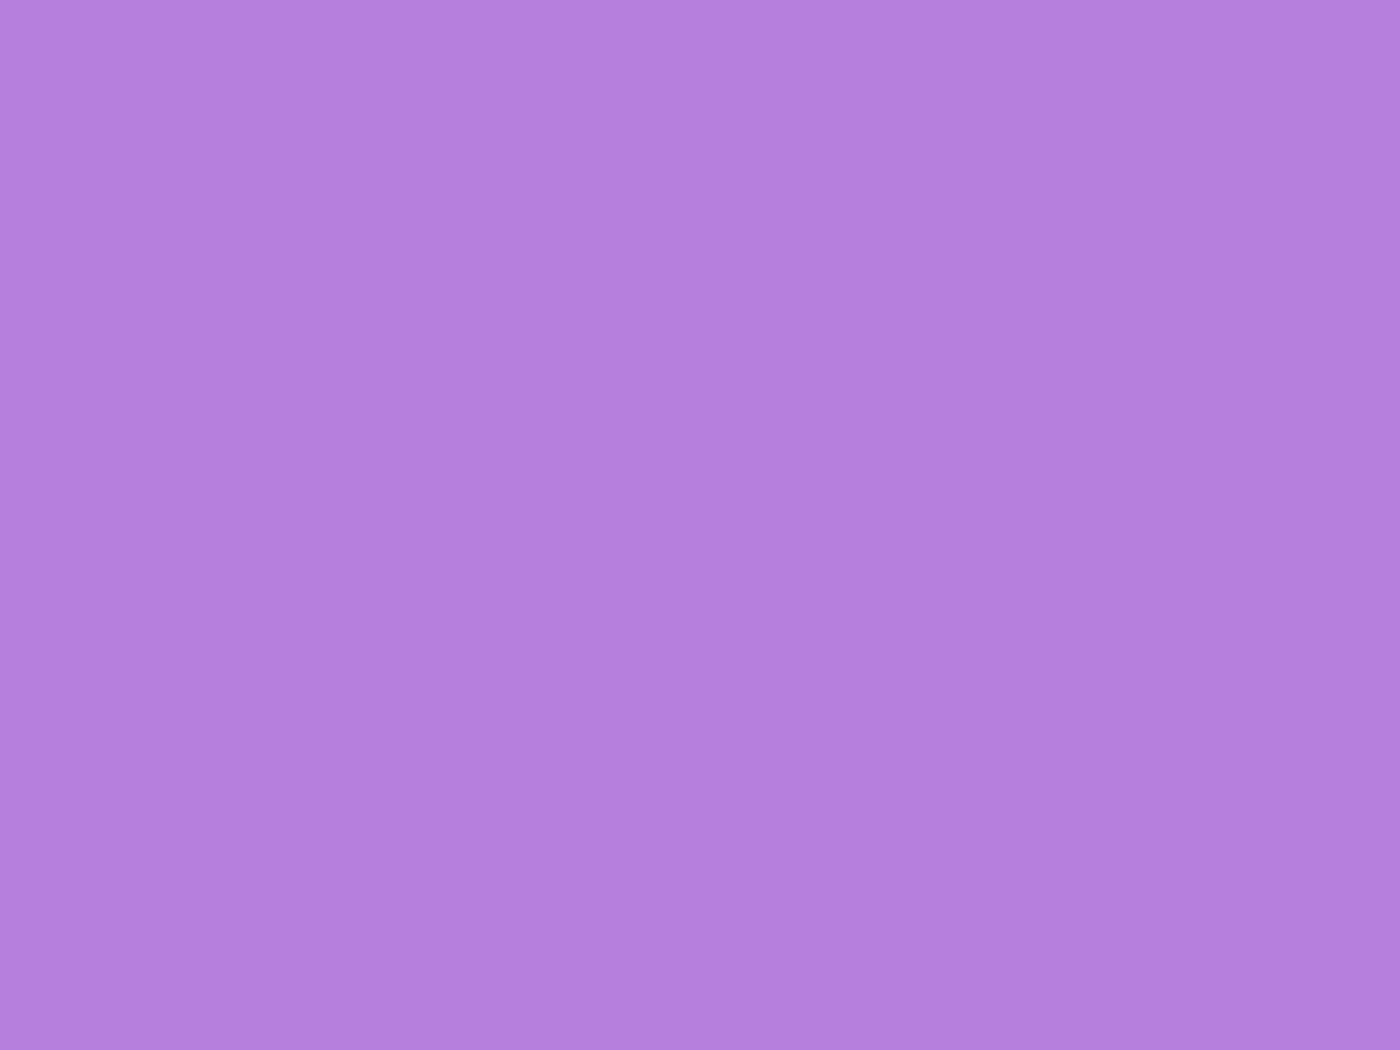 1400x1050 Lavender Floral Solid Color Background